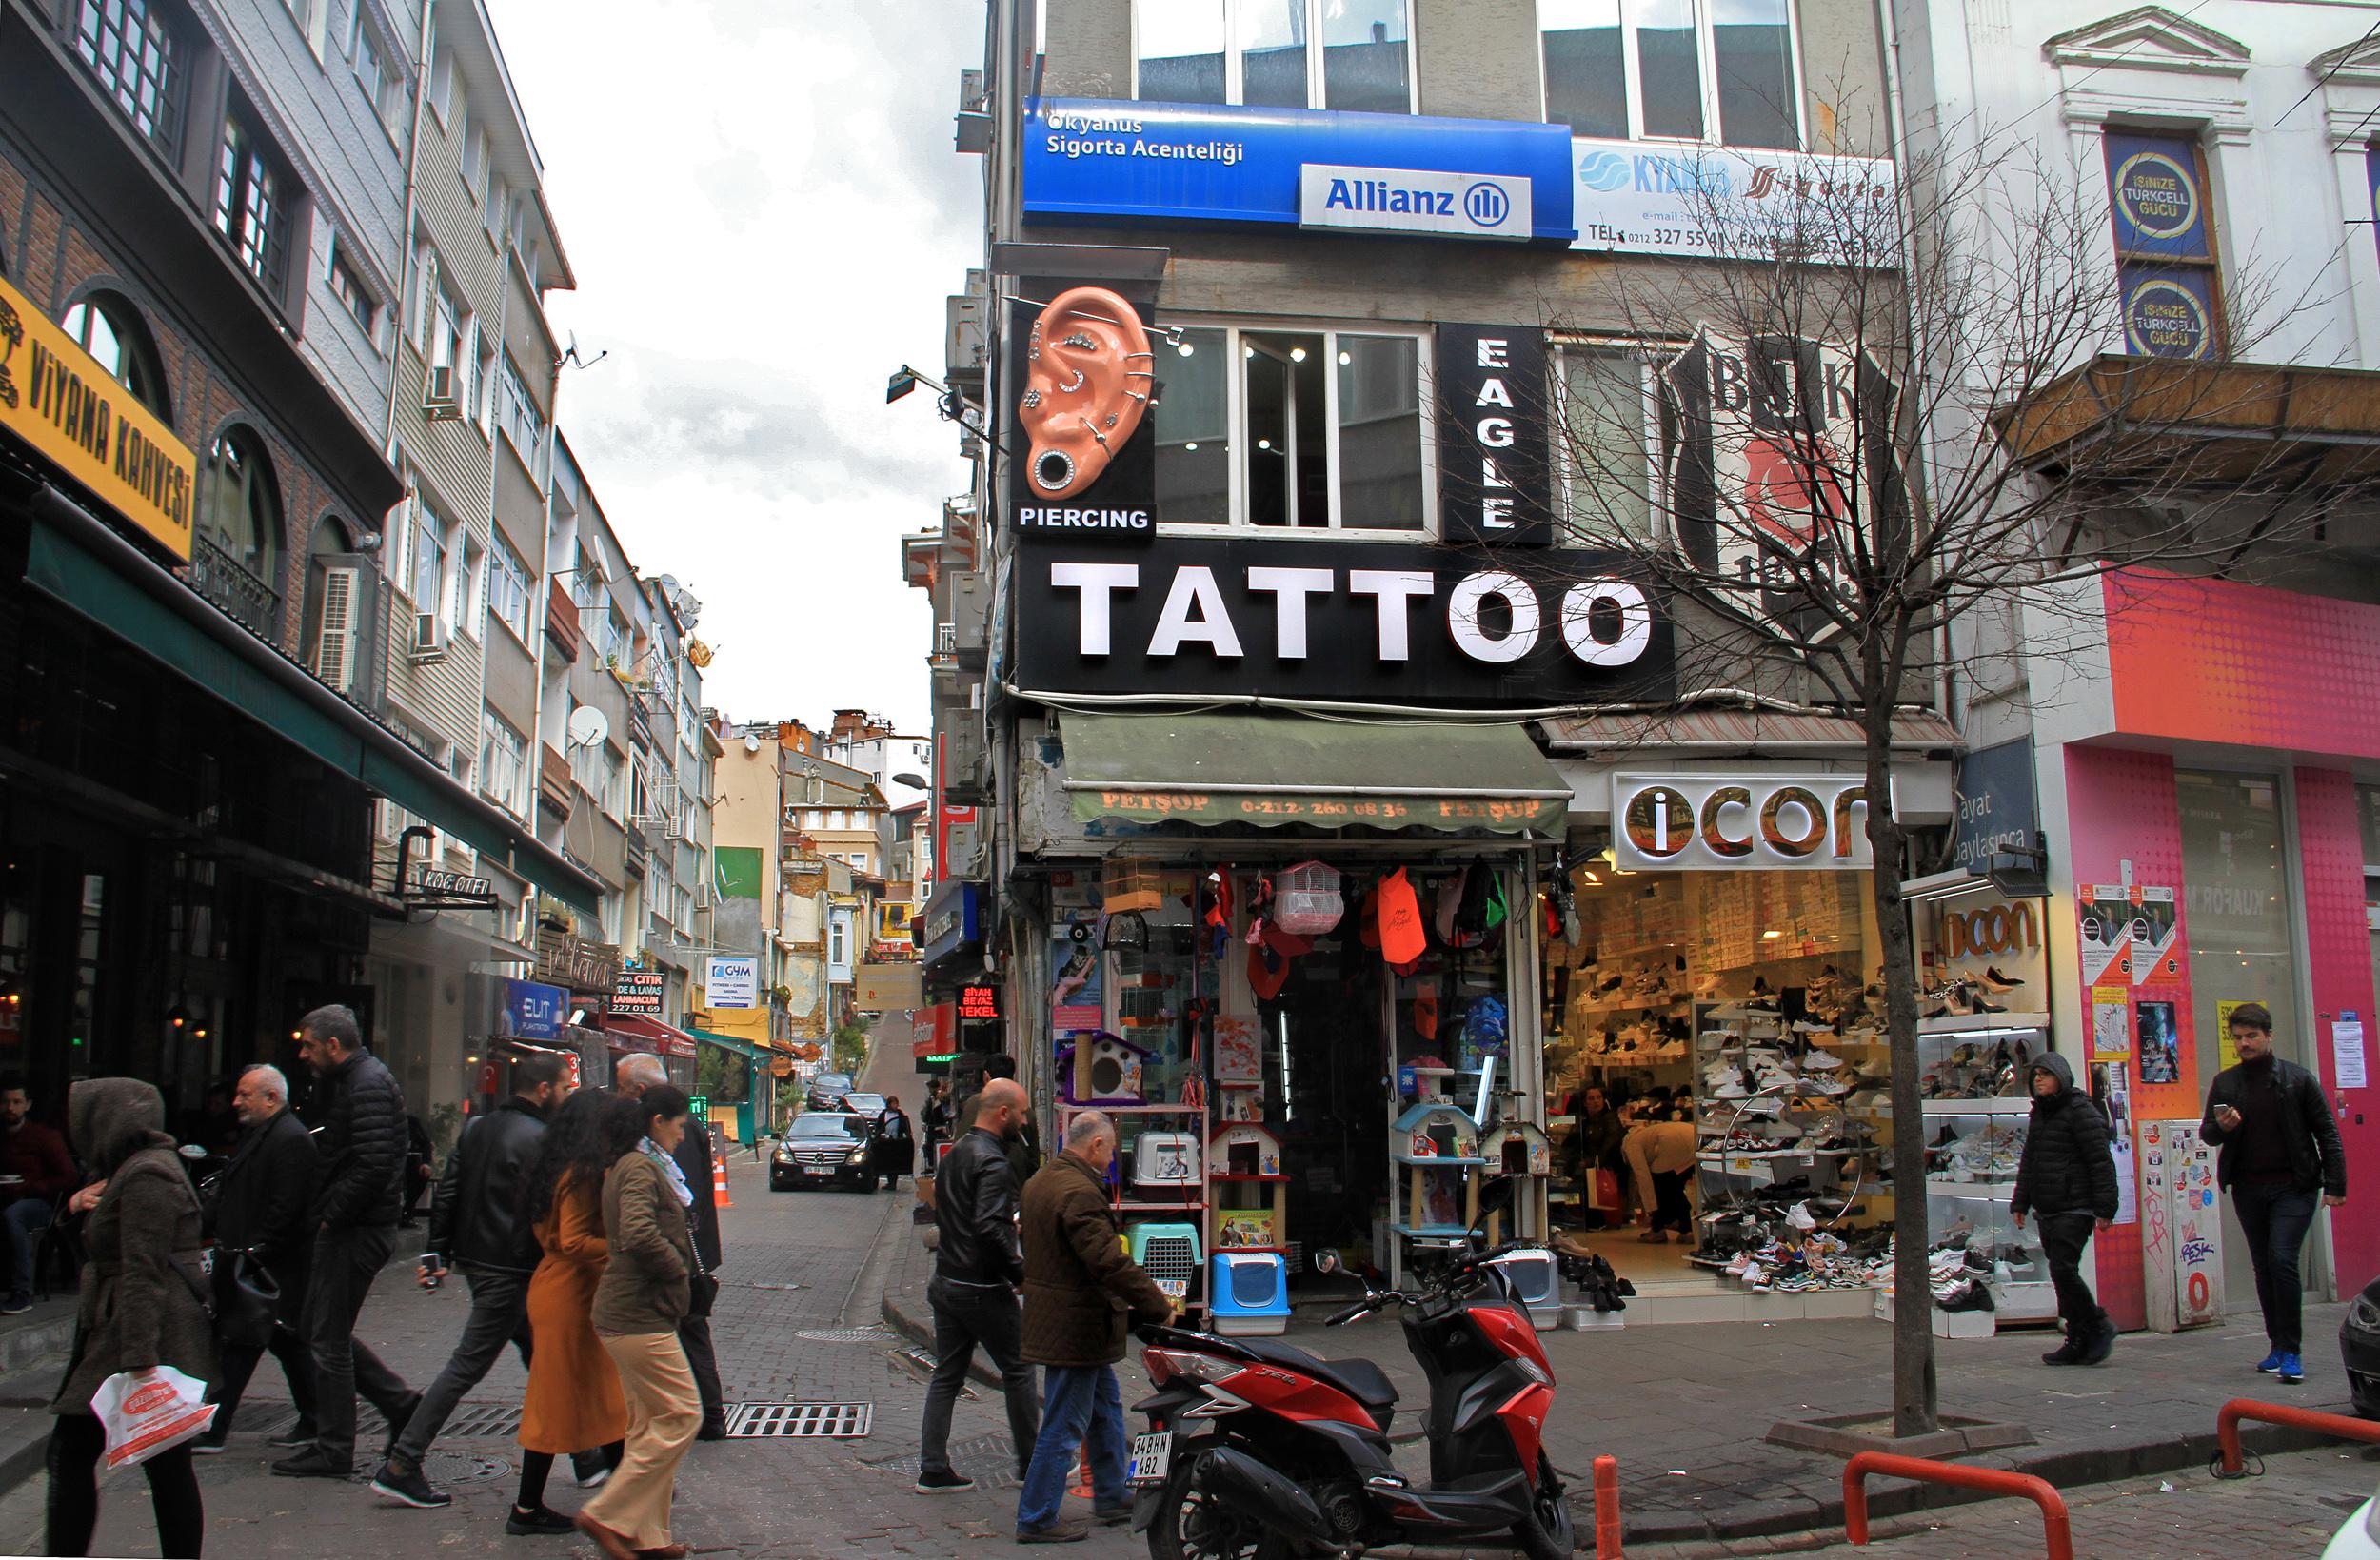 besiktas,piercing,tattoo